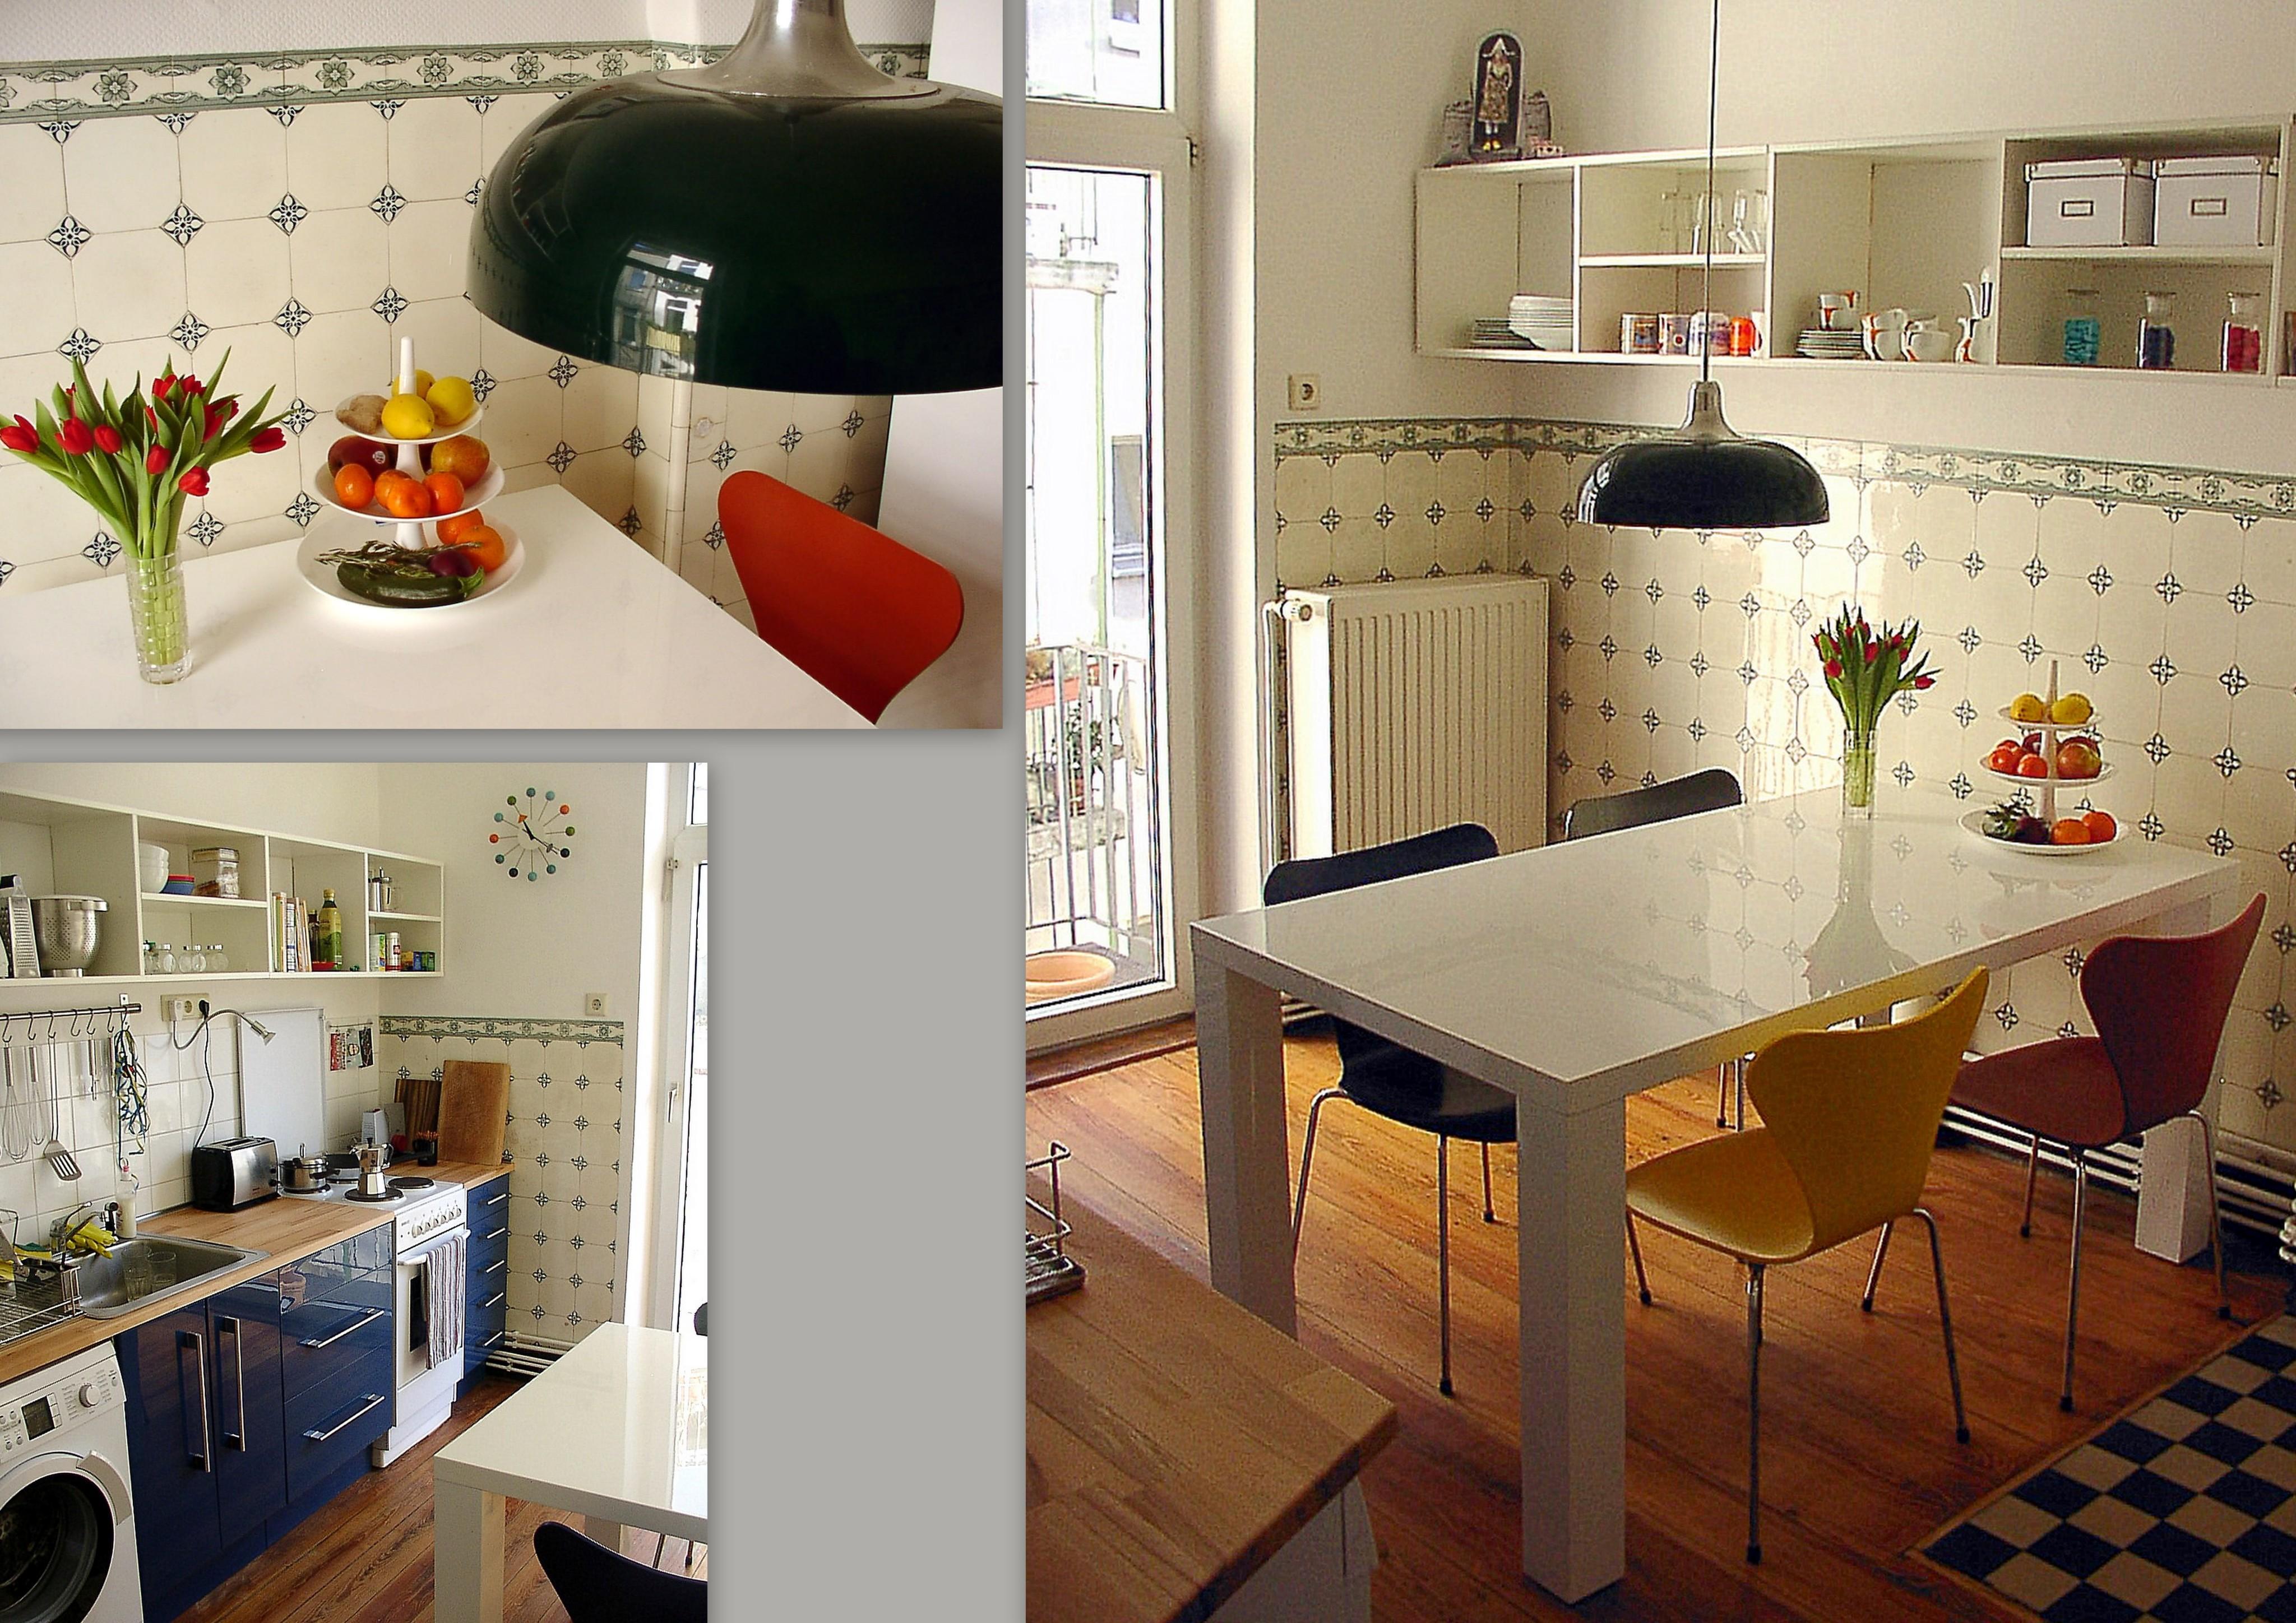 Küche Altbau altbauküche bilder ideen couchstyle